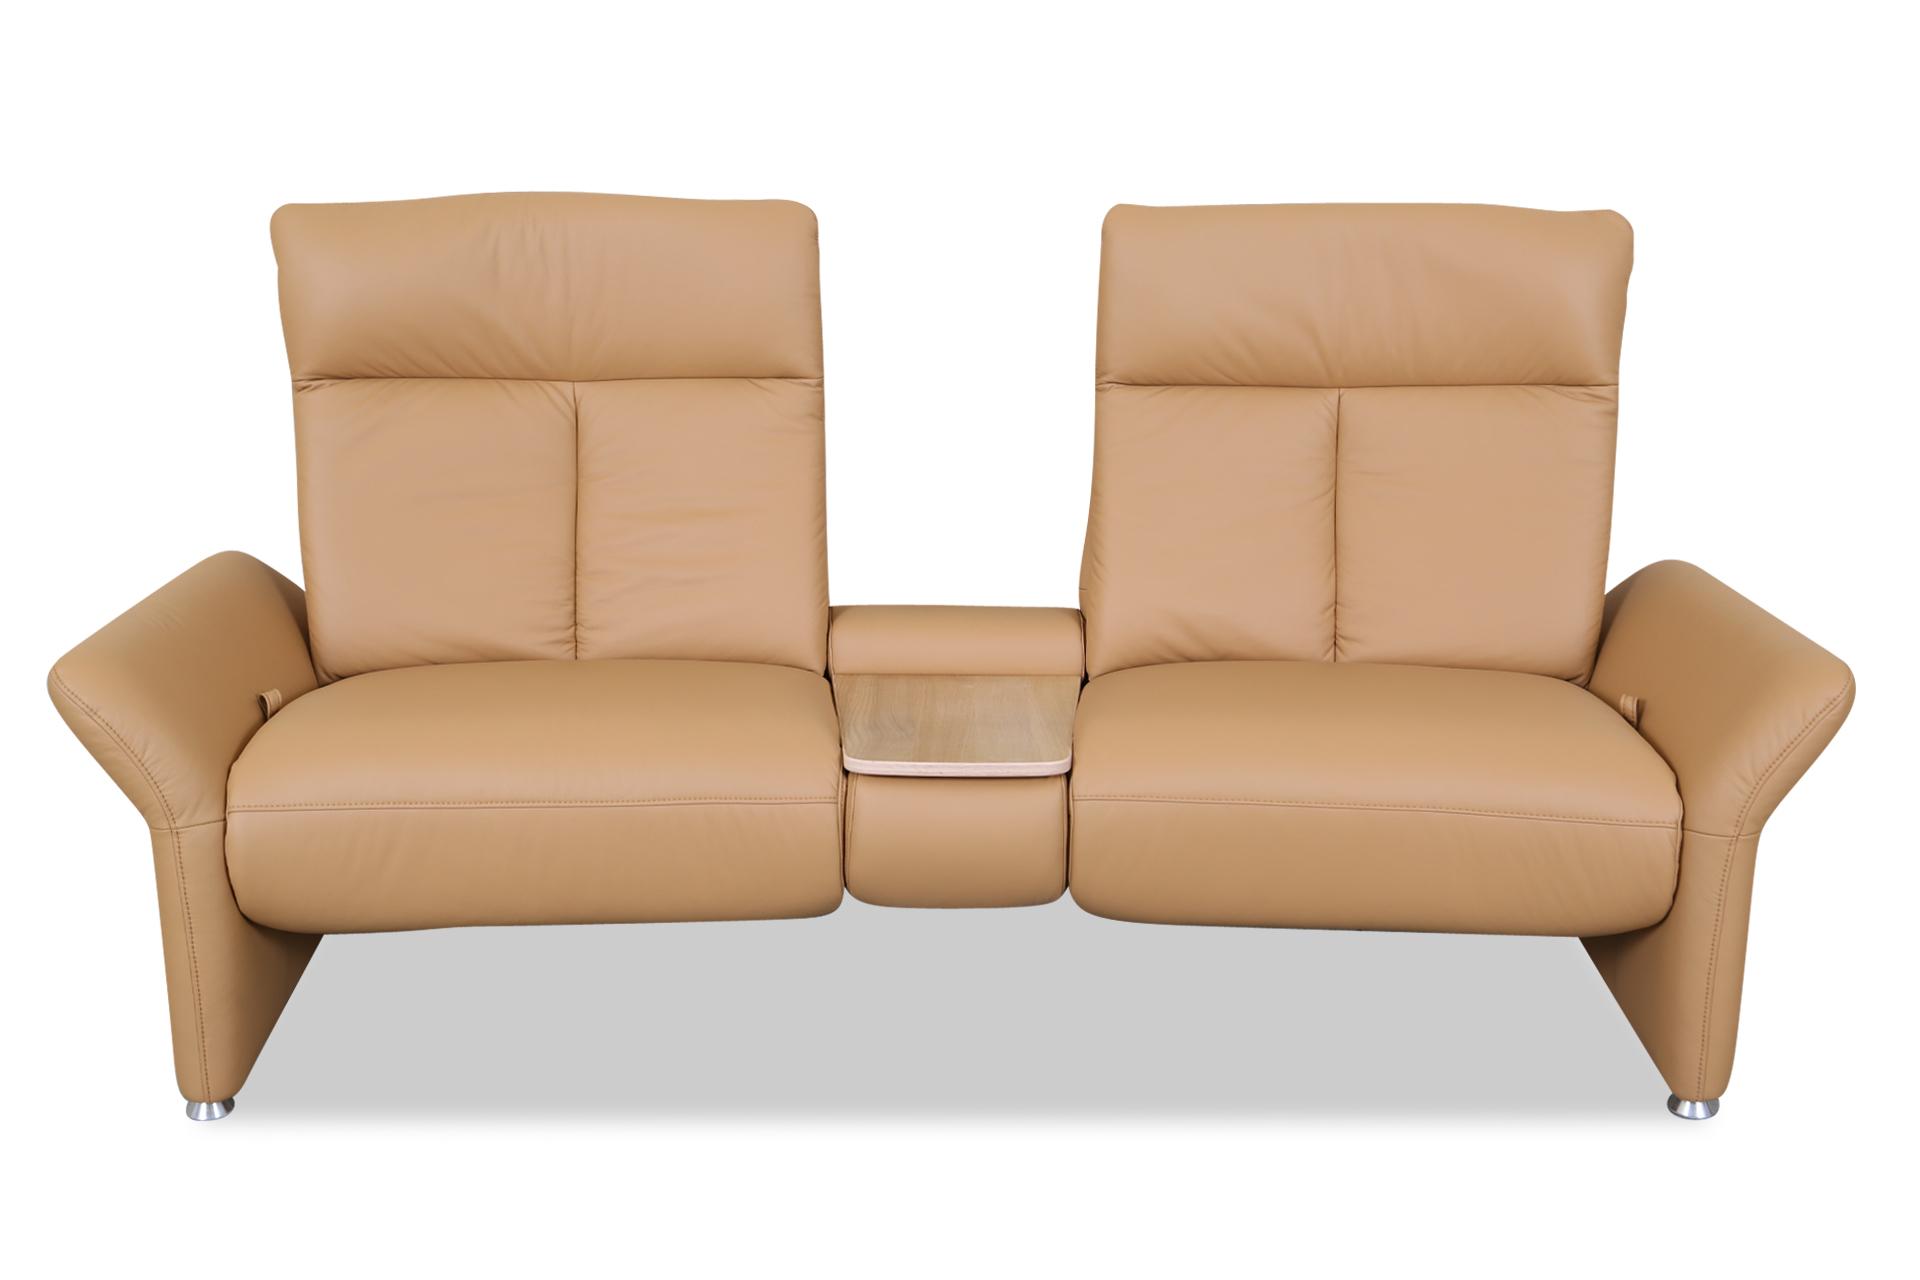 sofa wildleder great wildleder sofa couch sofa wildleder. Black Bedroom Furniture Sets. Home Design Ideas